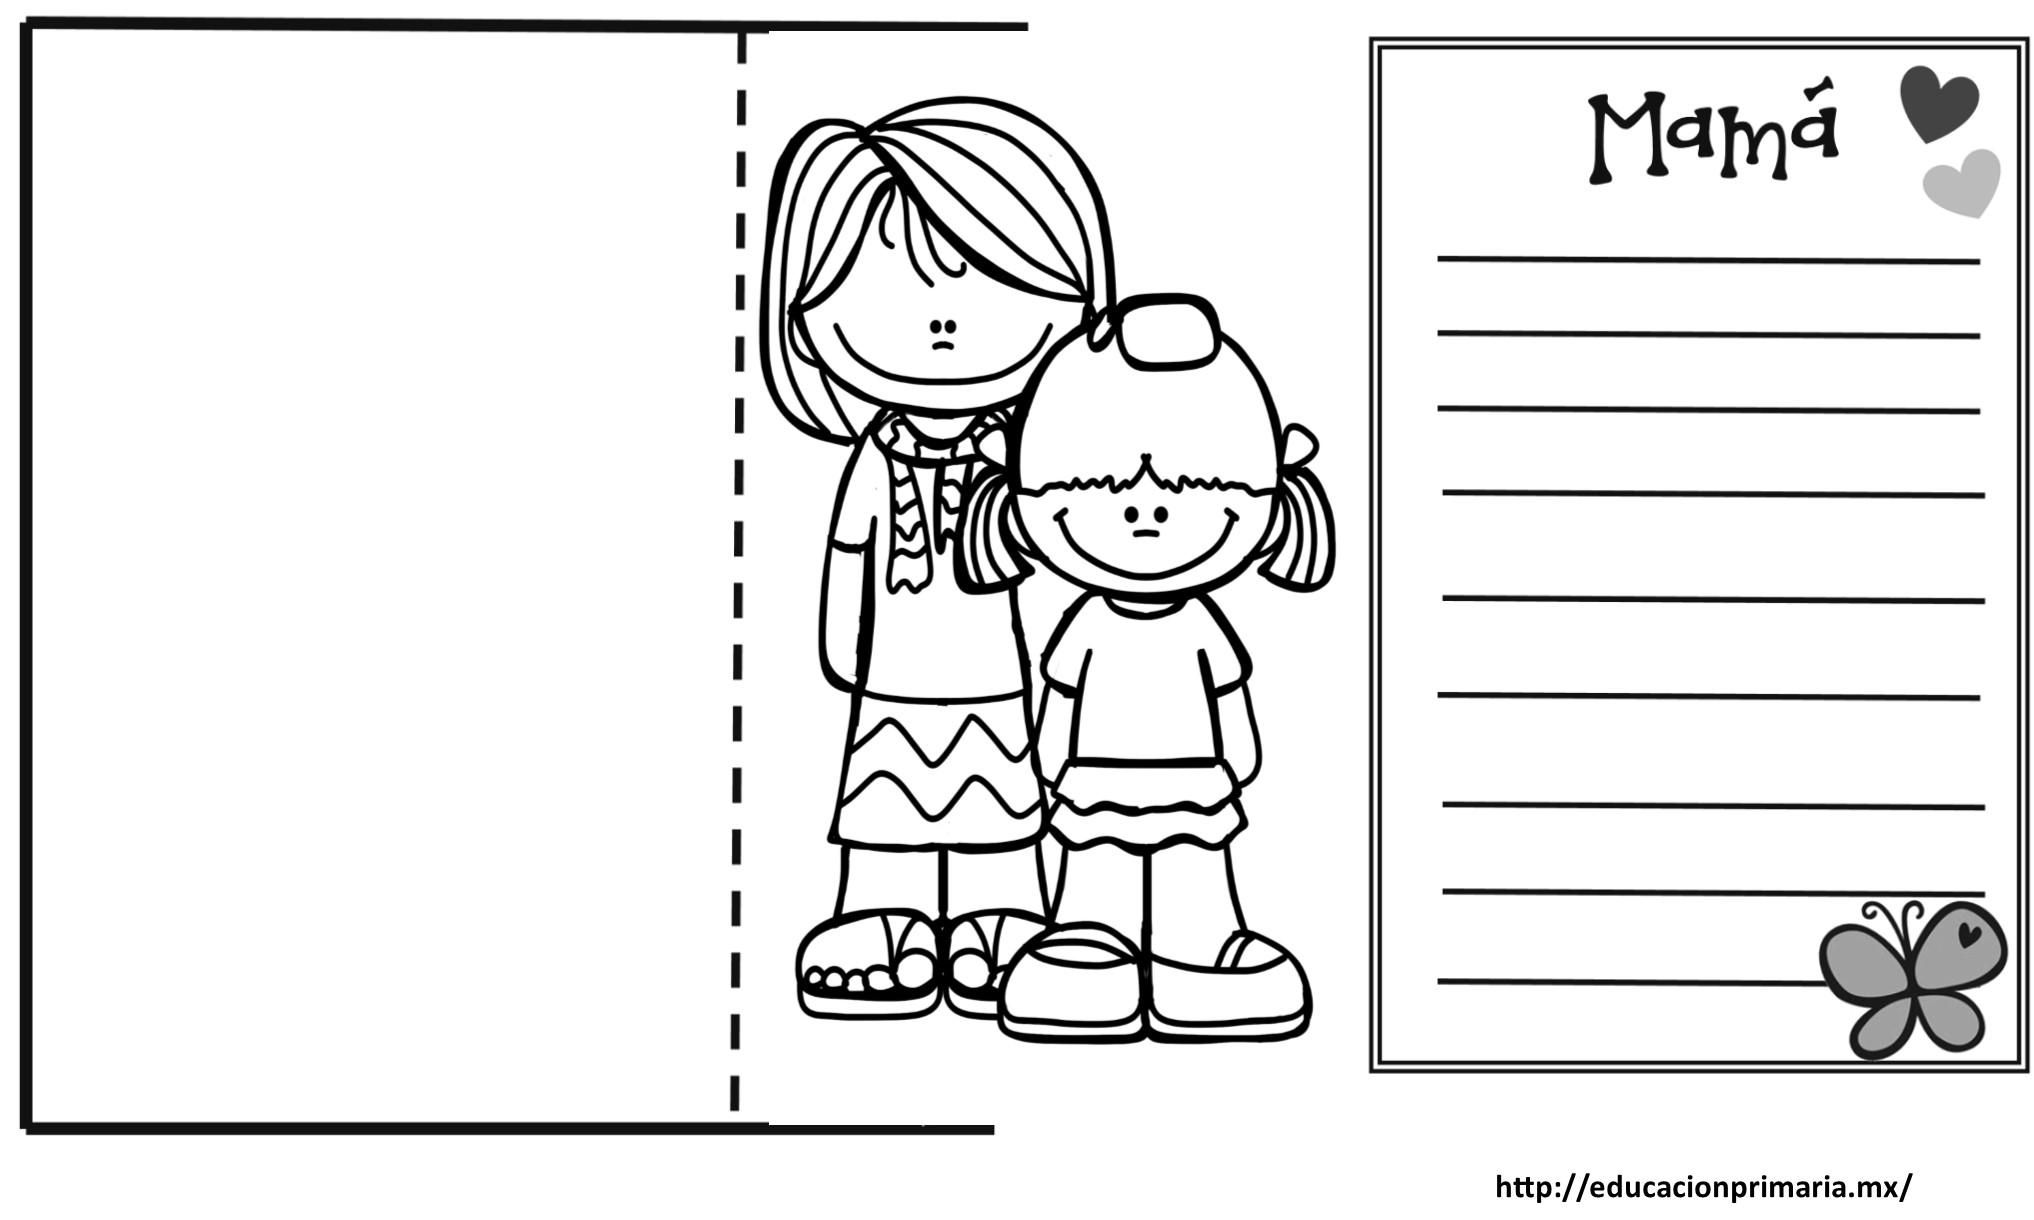 Lindas tarjetas creativas para regalar a mamá el día de las madres ...